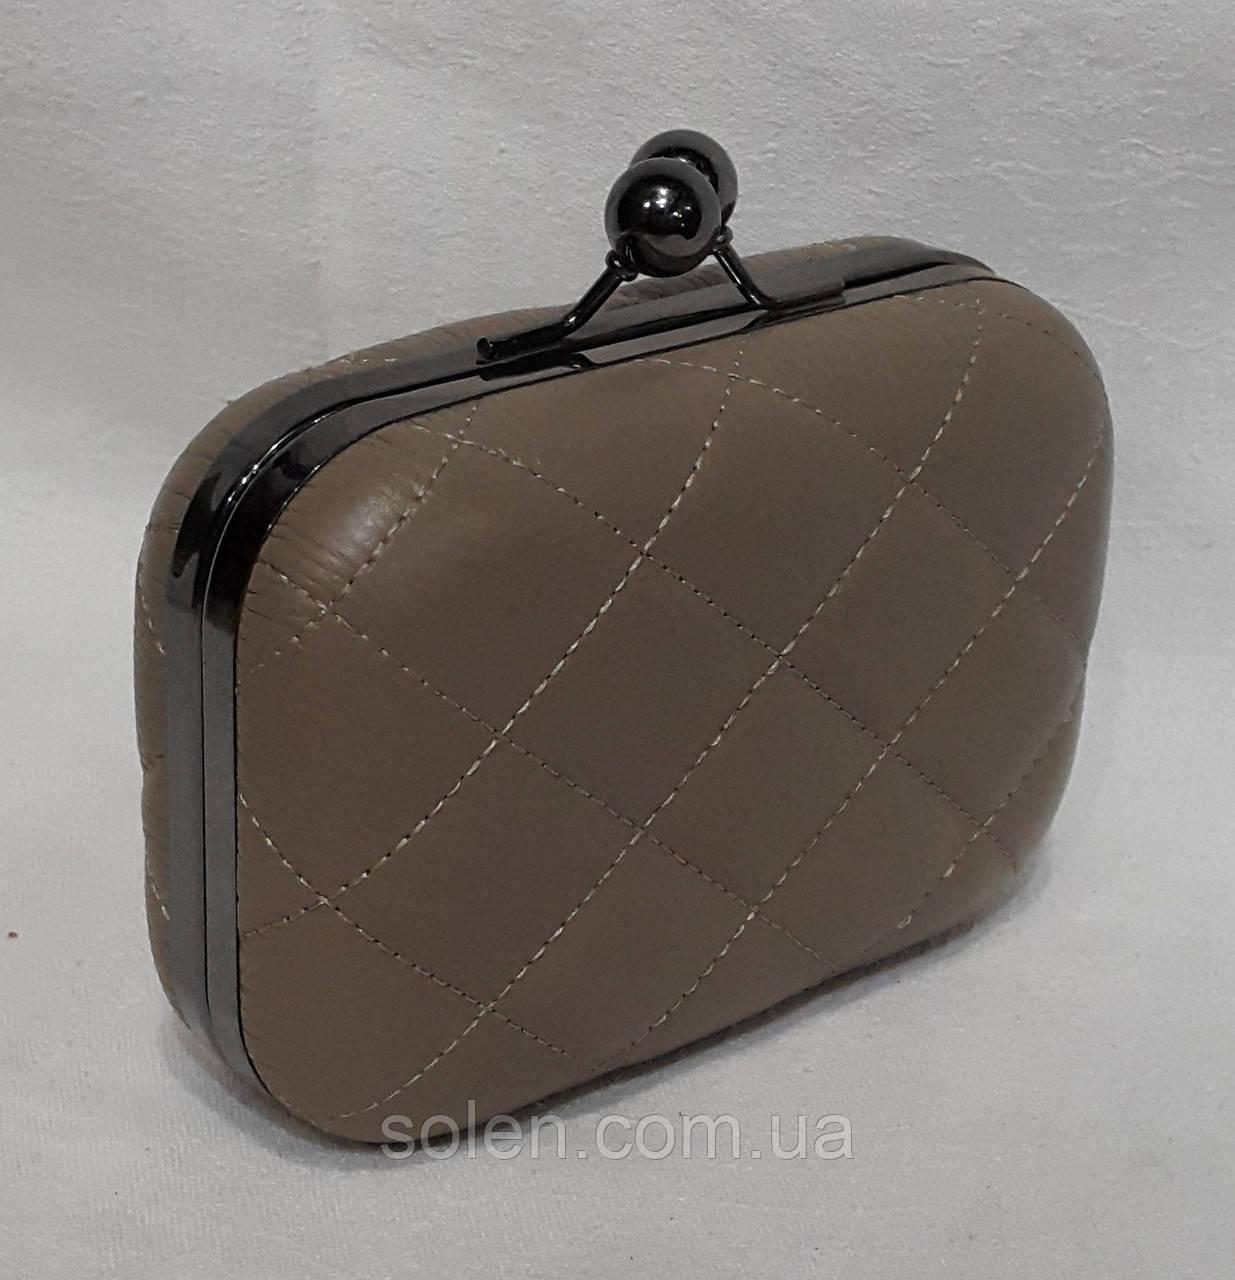 Вечерняя сумочка клатч на цепочке.